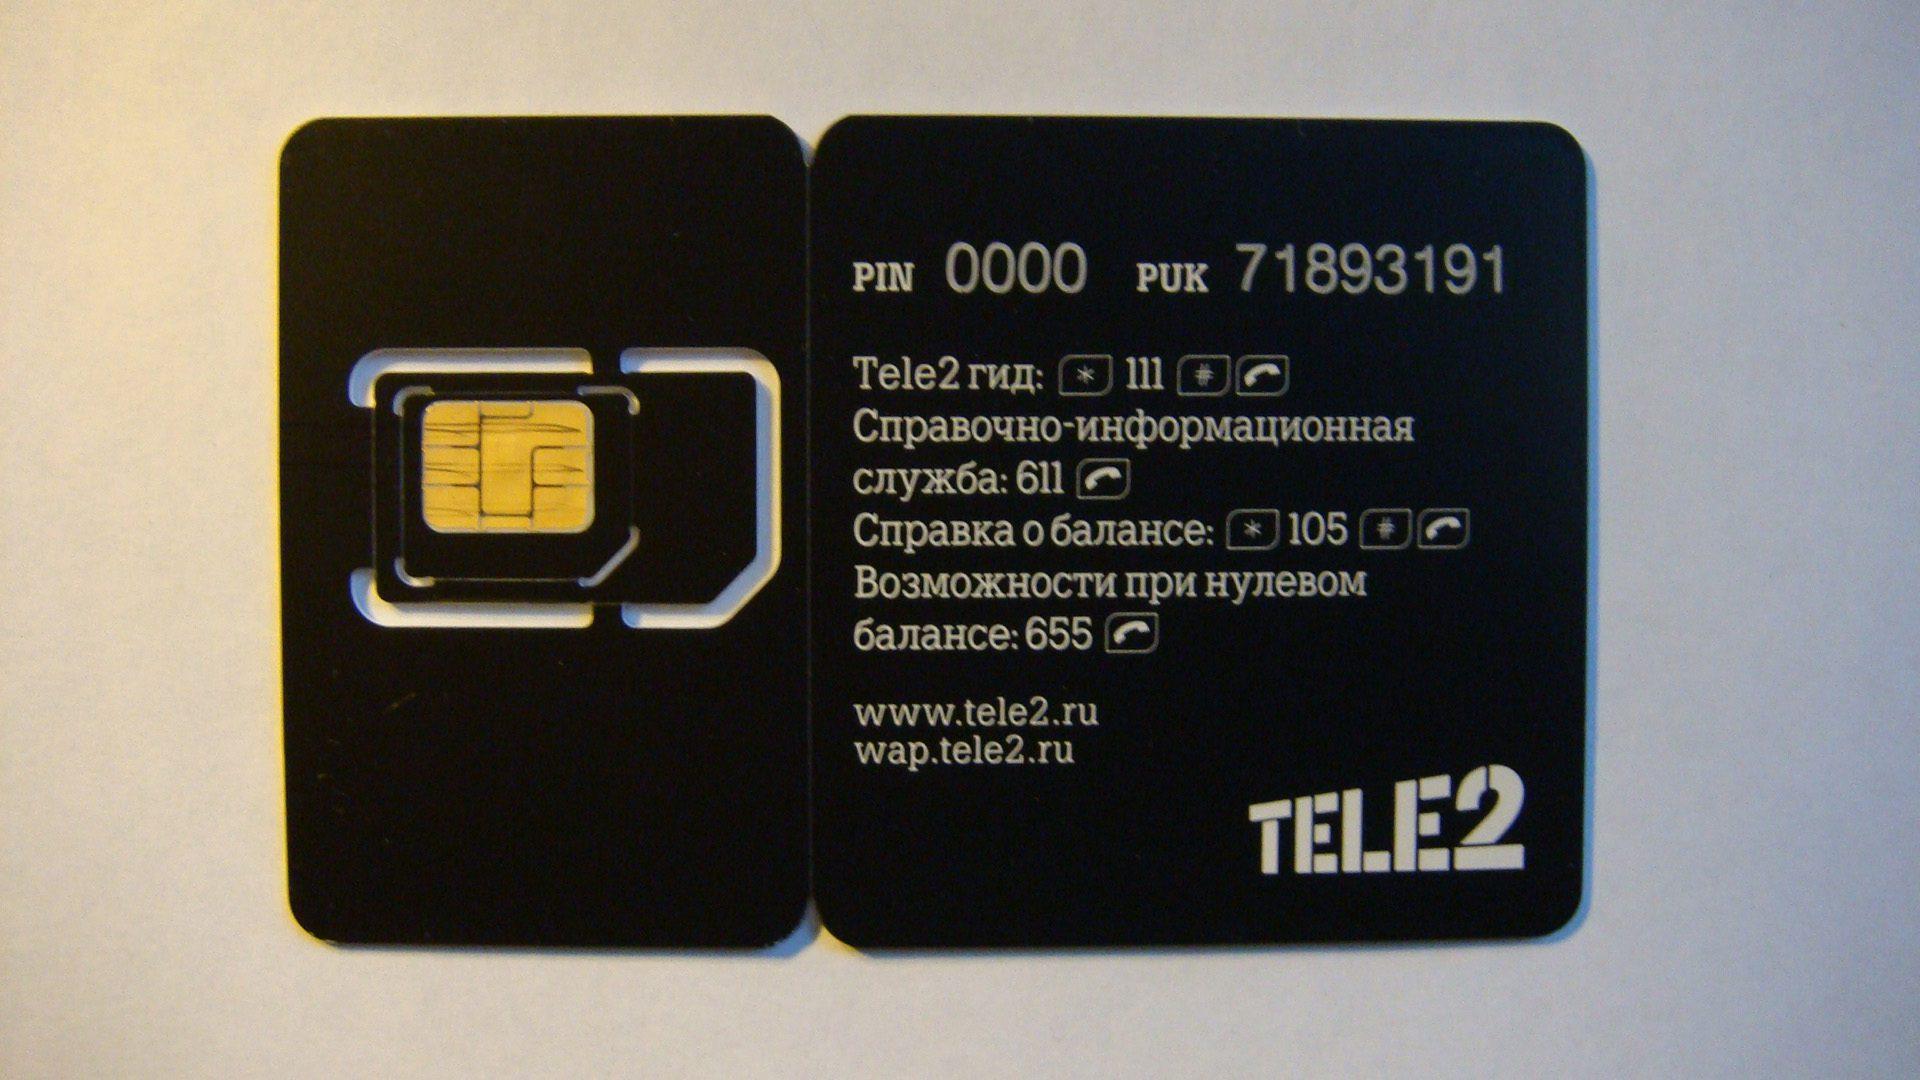 Как разблокировать Теле2?  Пошаговая инструкция по разблокировке сим карты оператора Теле 25c5b444b01793